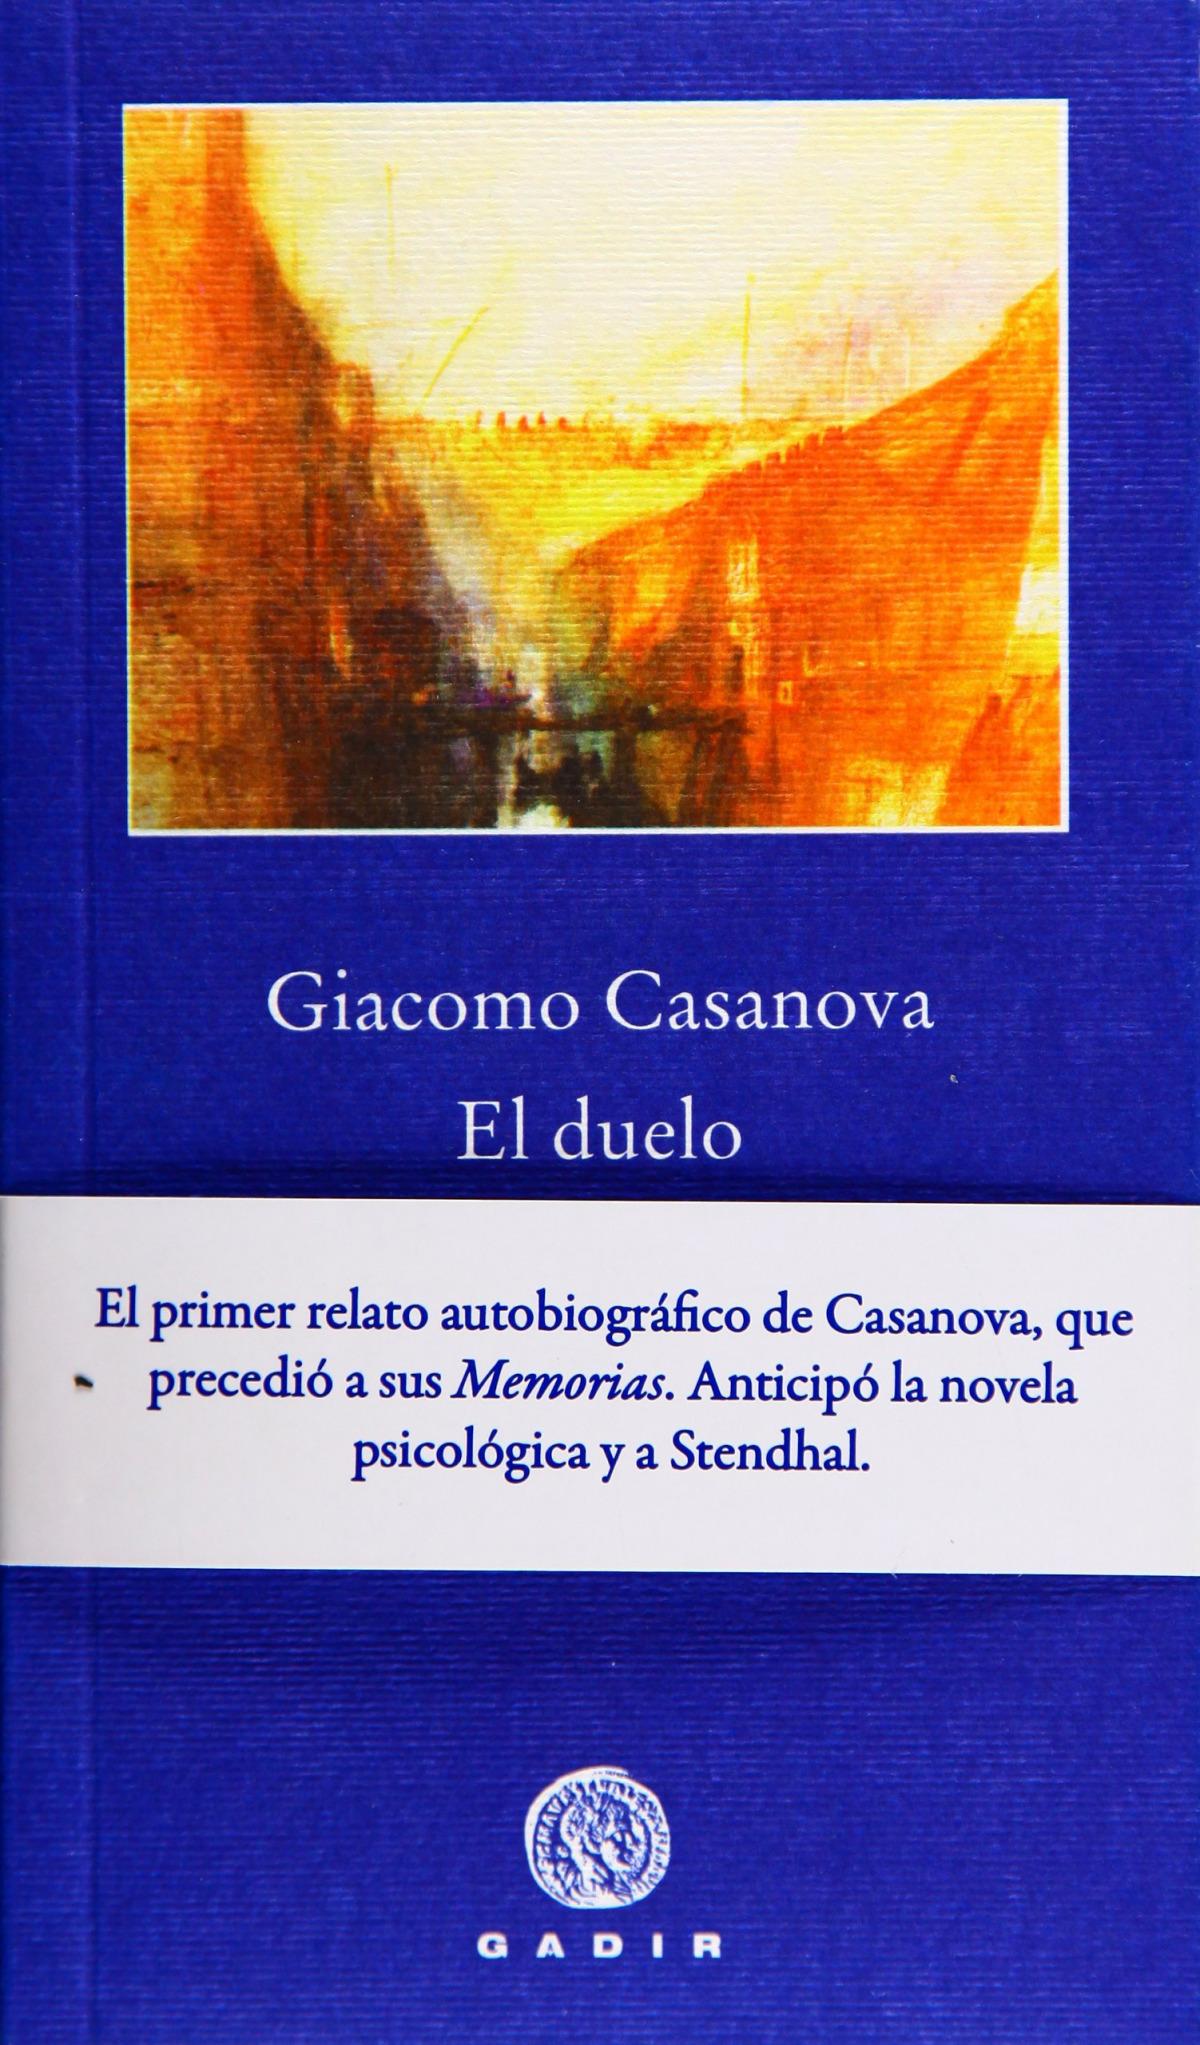 Duelo pbg-9 - Casanova, Giacomo